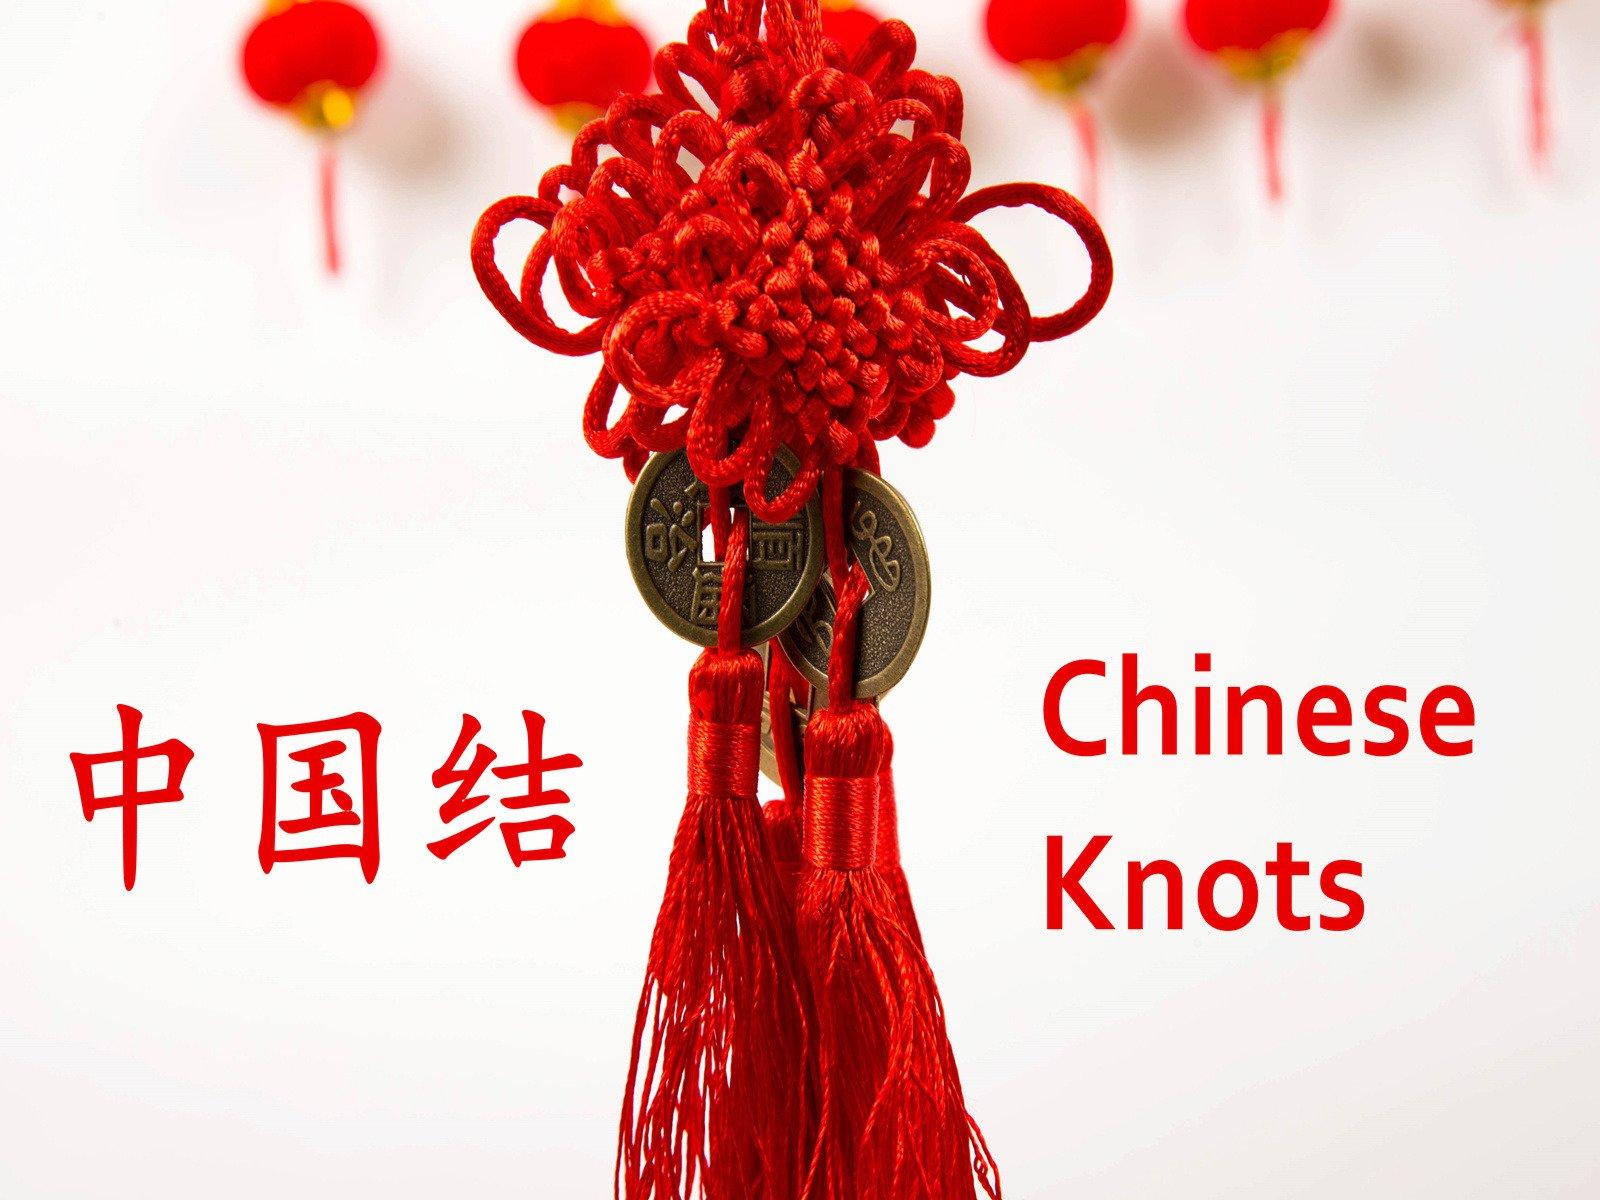 Chinese Knots - Season 1